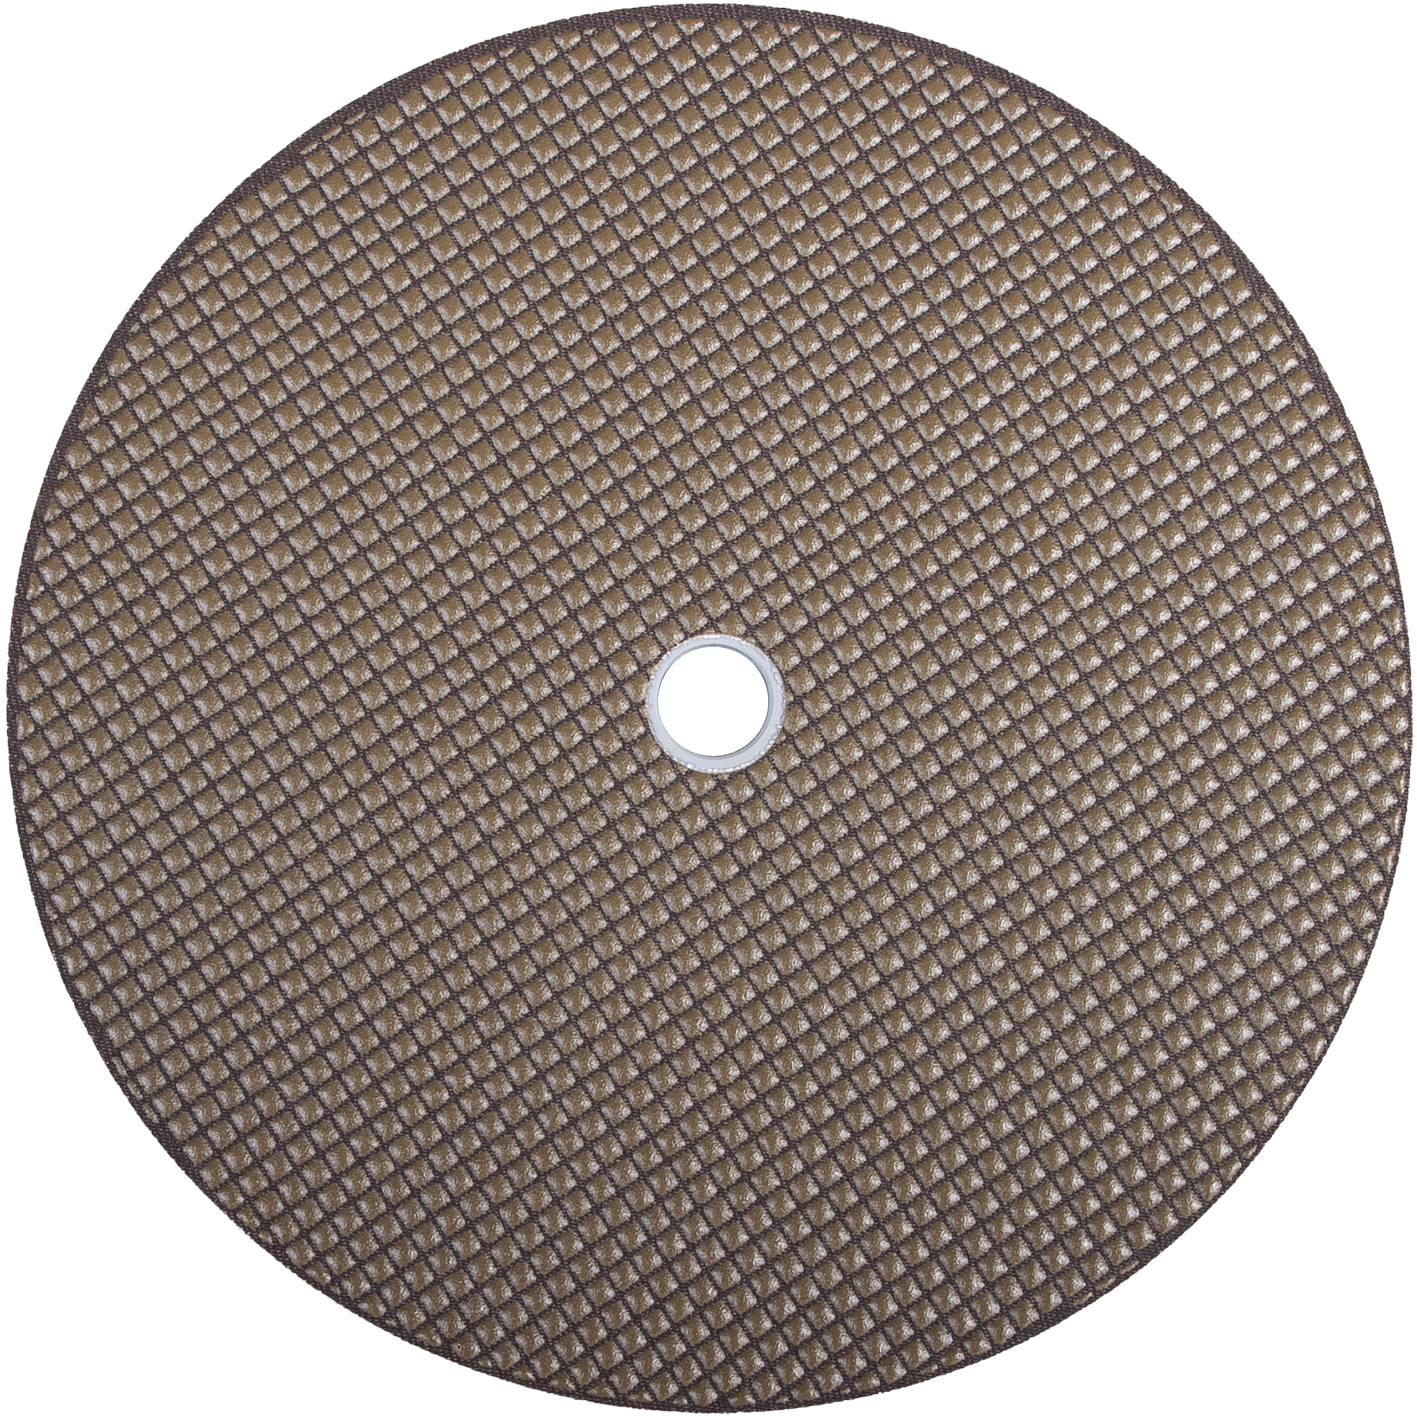 Diamantschleifteller OCTRON ø 250 mm | Klett | Korn 800